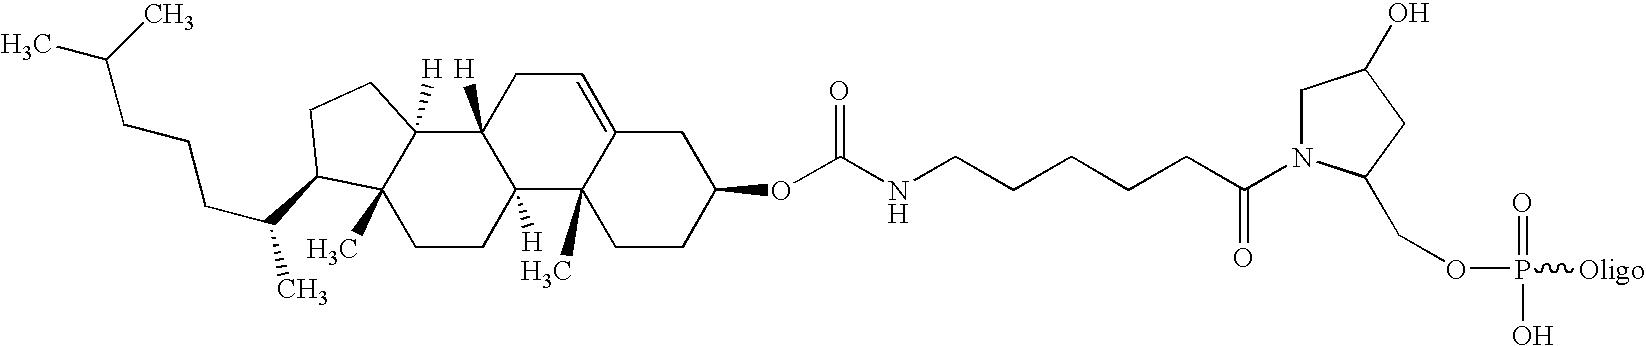 Figure US08252755-20120828-C00009